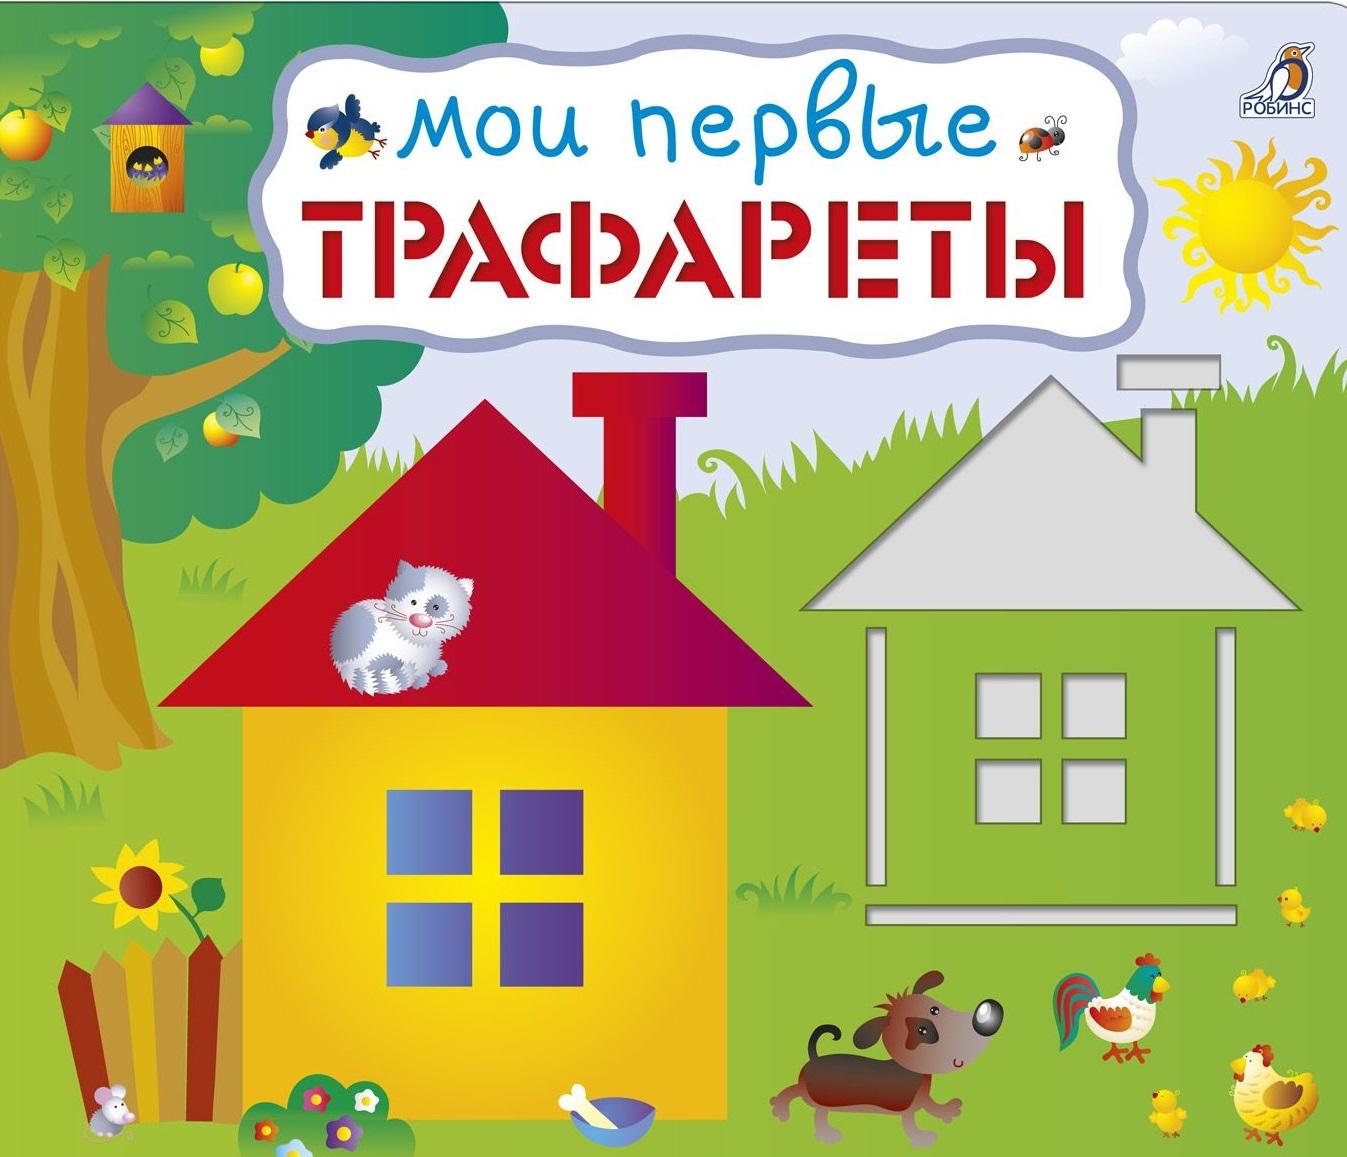 Книга для рисования - Мои первые трафаретыКниги для детского творчества<br>Книга для рисования - Мои первые трафареты<br>